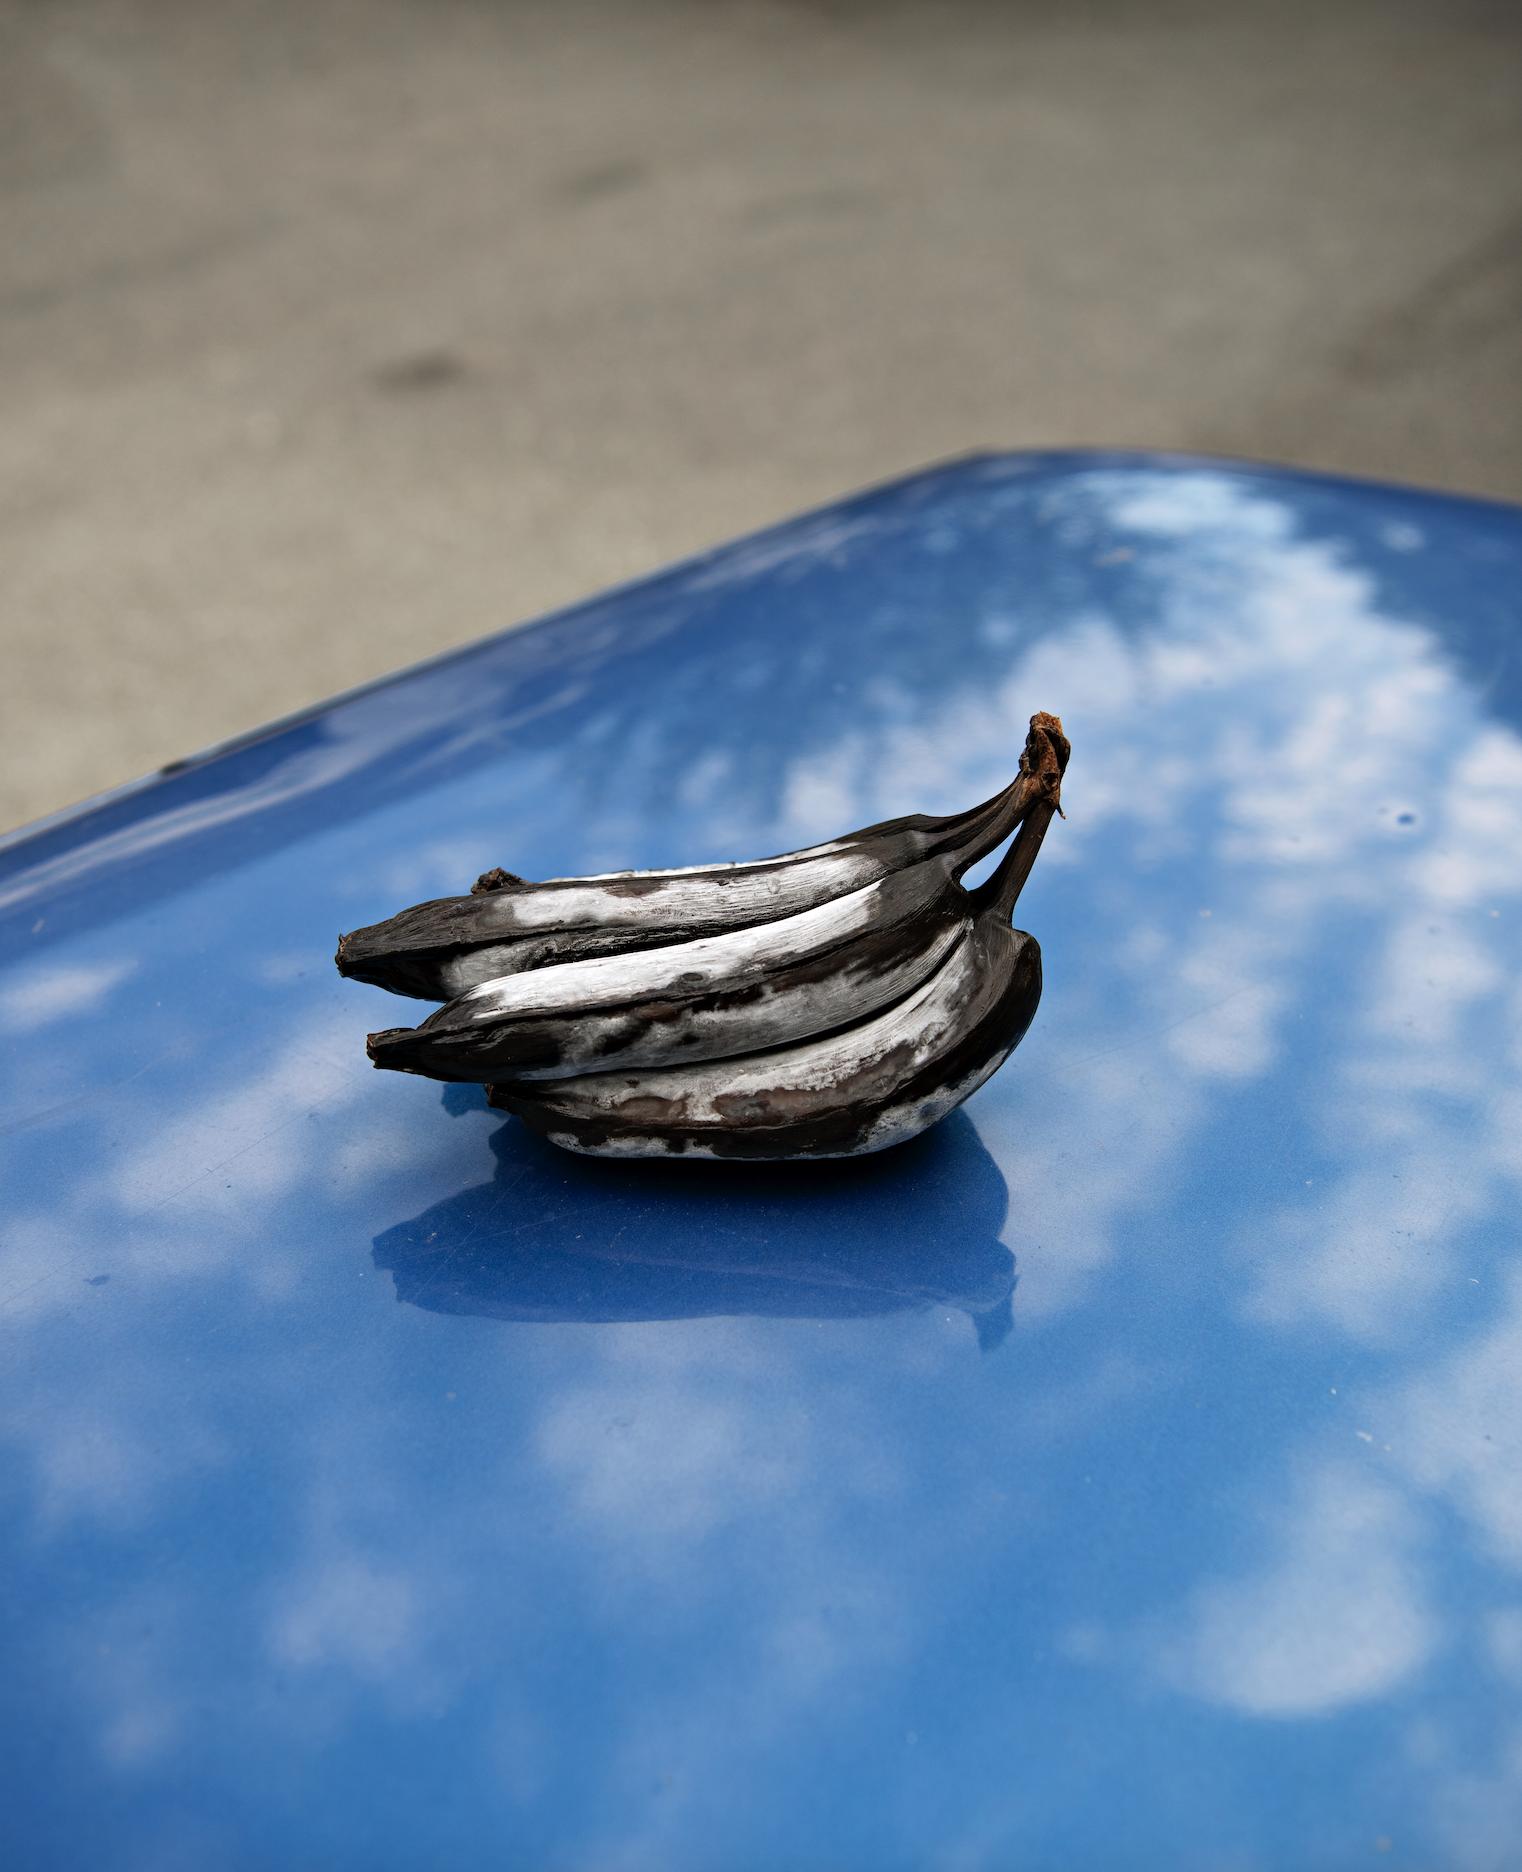 Frozen Bananas Small